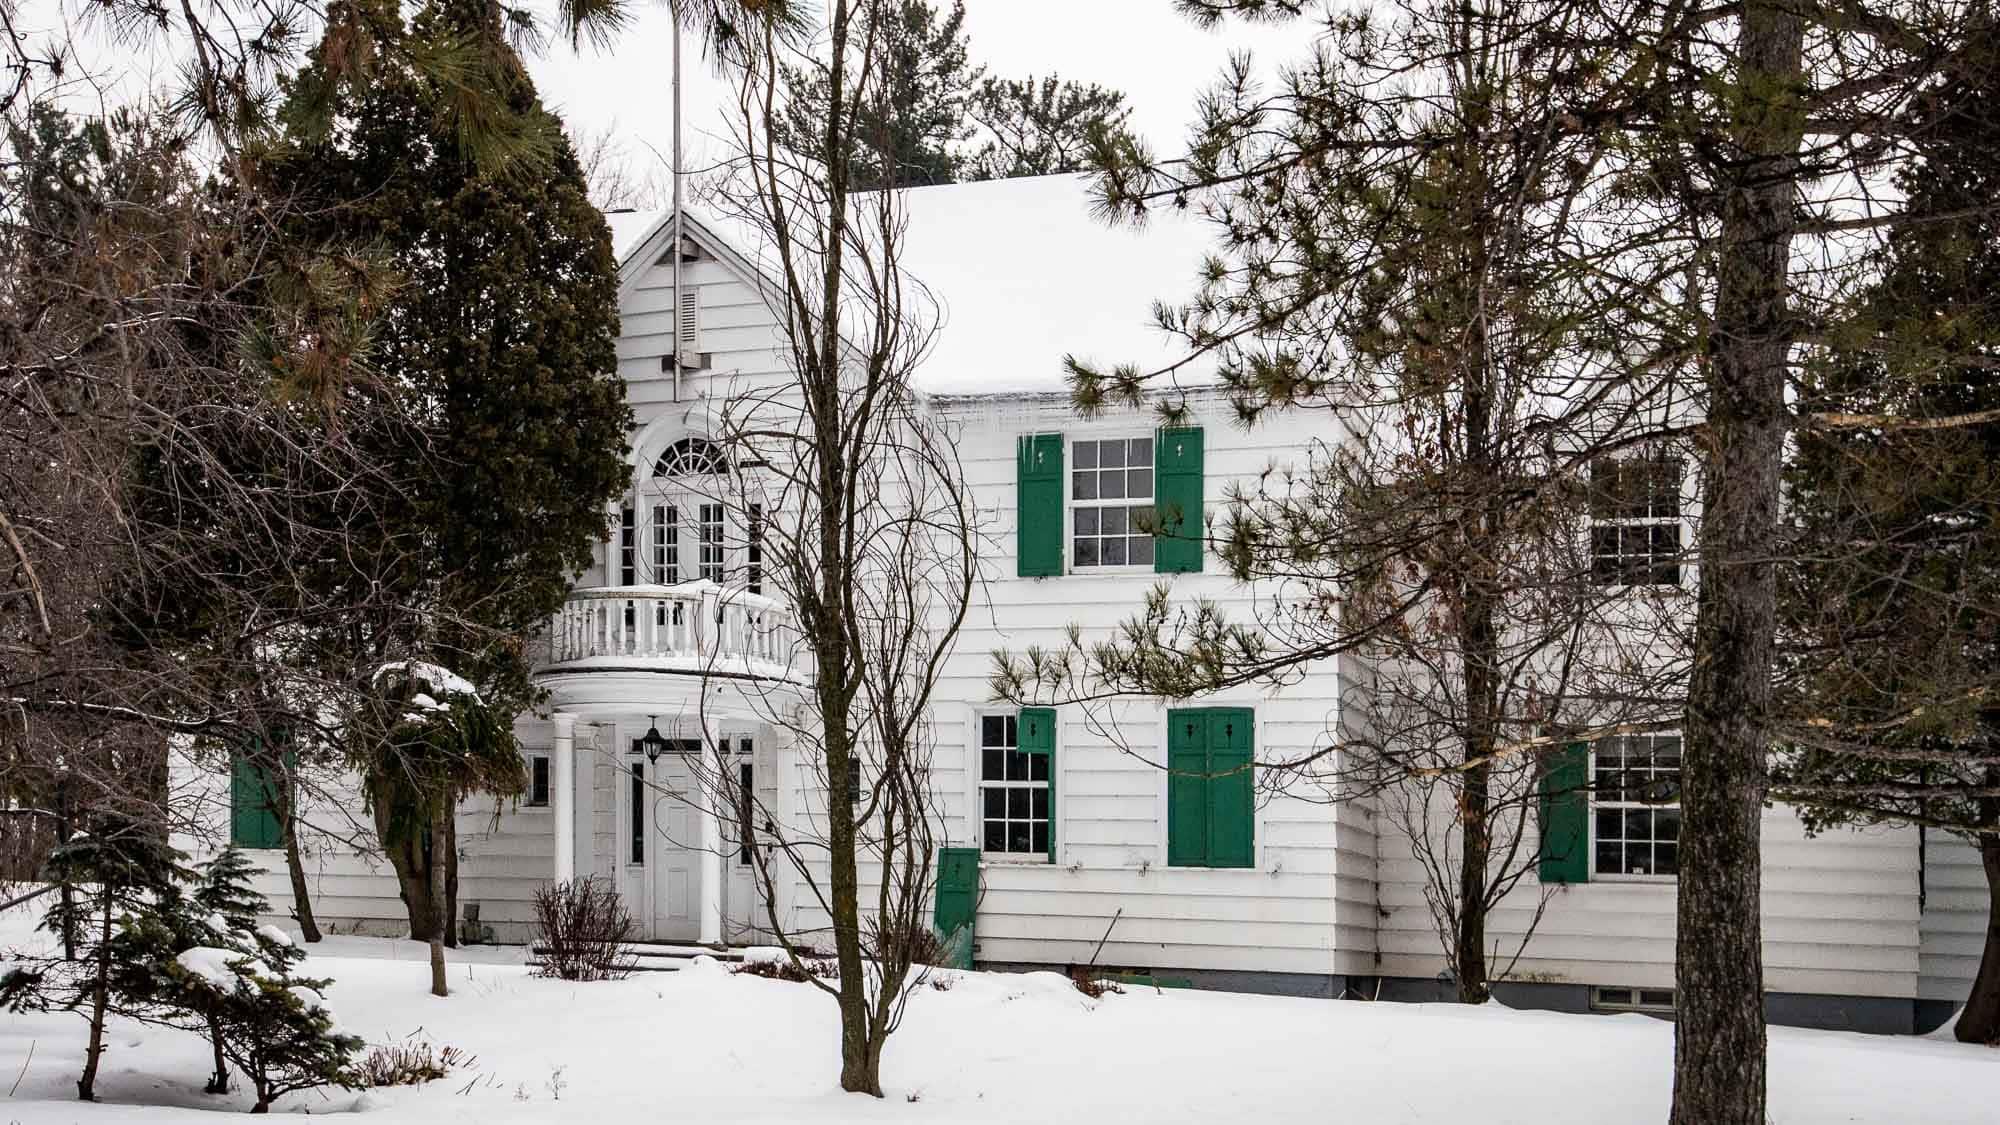 Cette maison, reconnue patrimoniale, a logé les directeurs de l'usine Rolland jusqu'en 1982. L'entente avec le promoteur vise à ce qu'elle soit conservée.